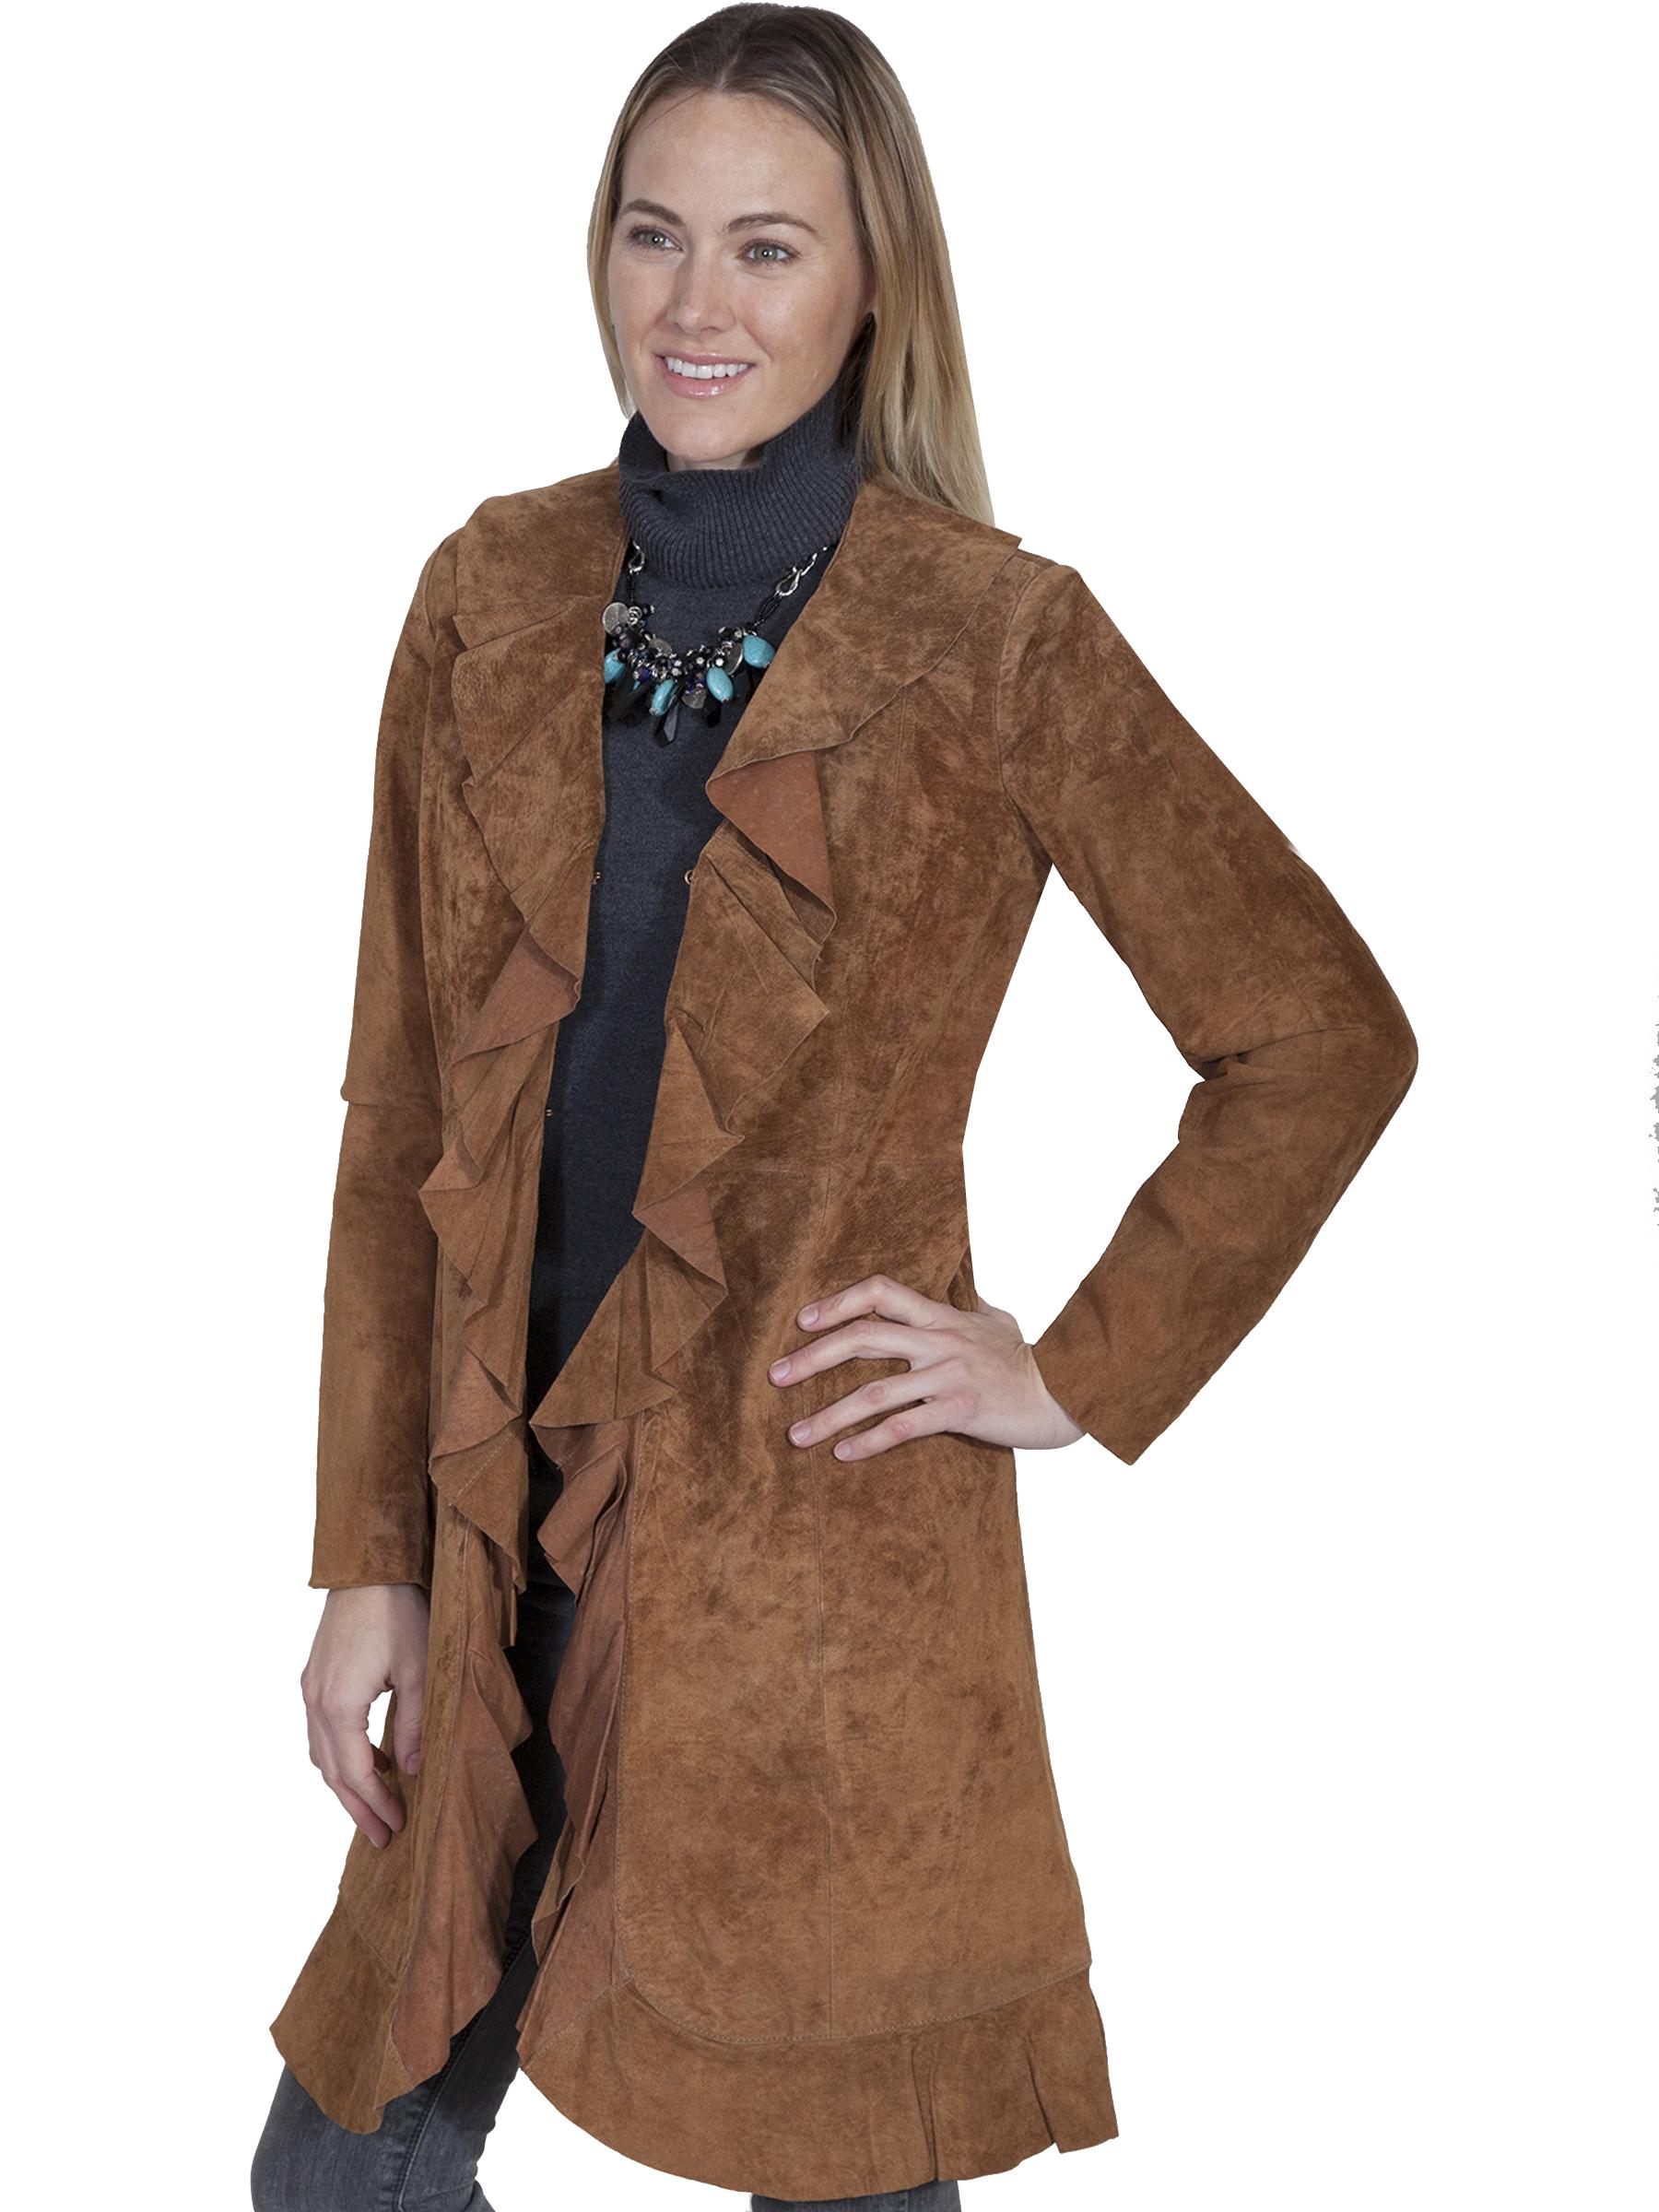 Boar suede ruffle coat